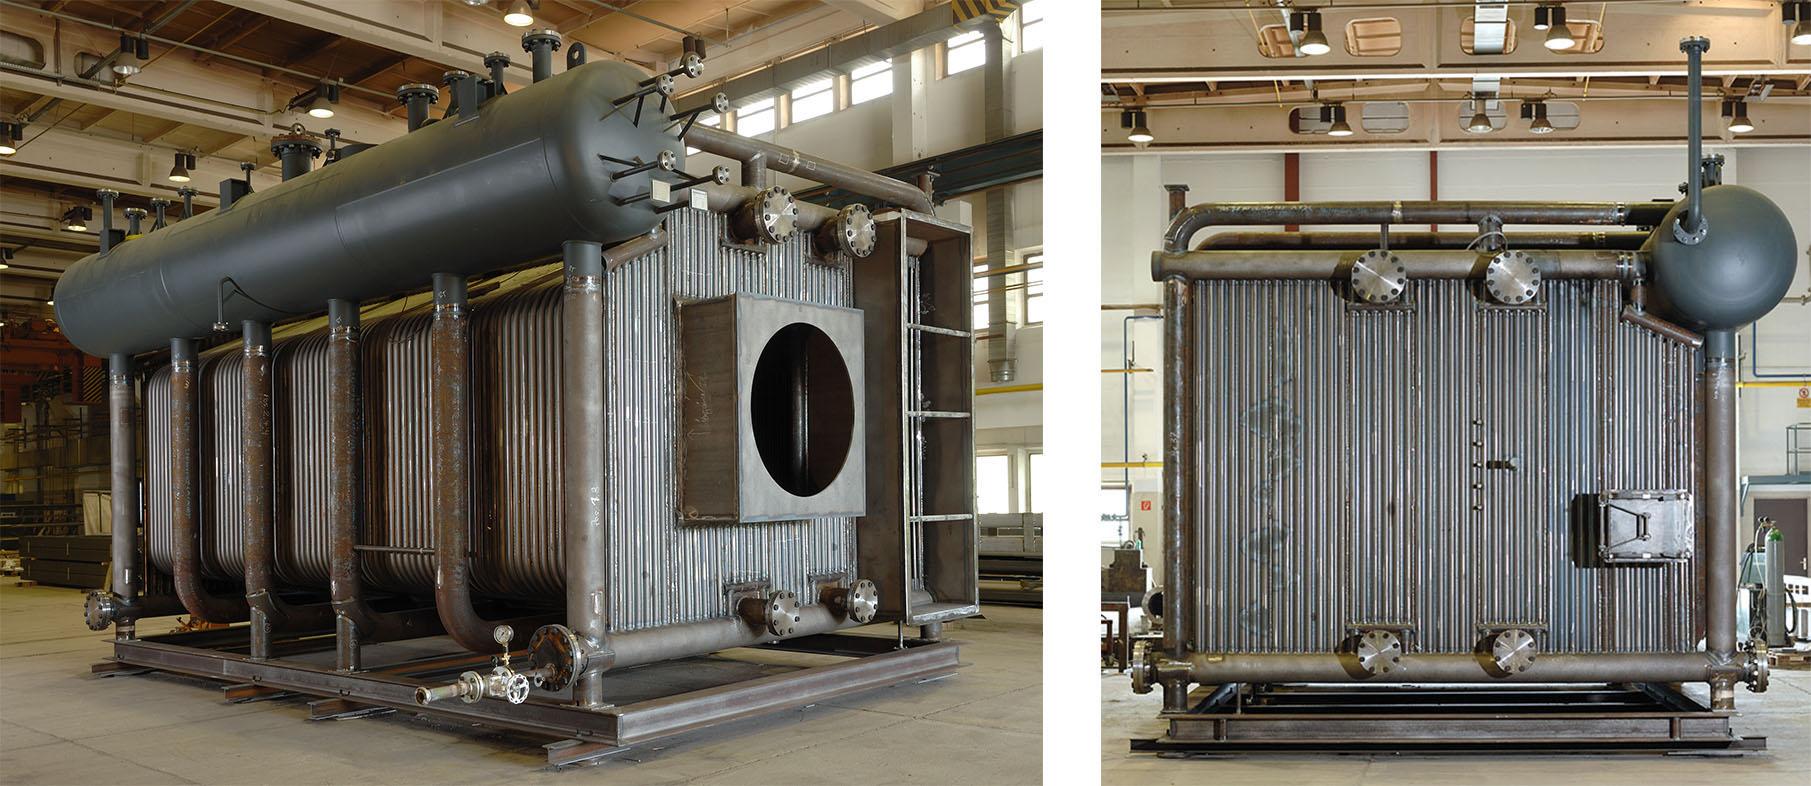 water tube boiler - ERK